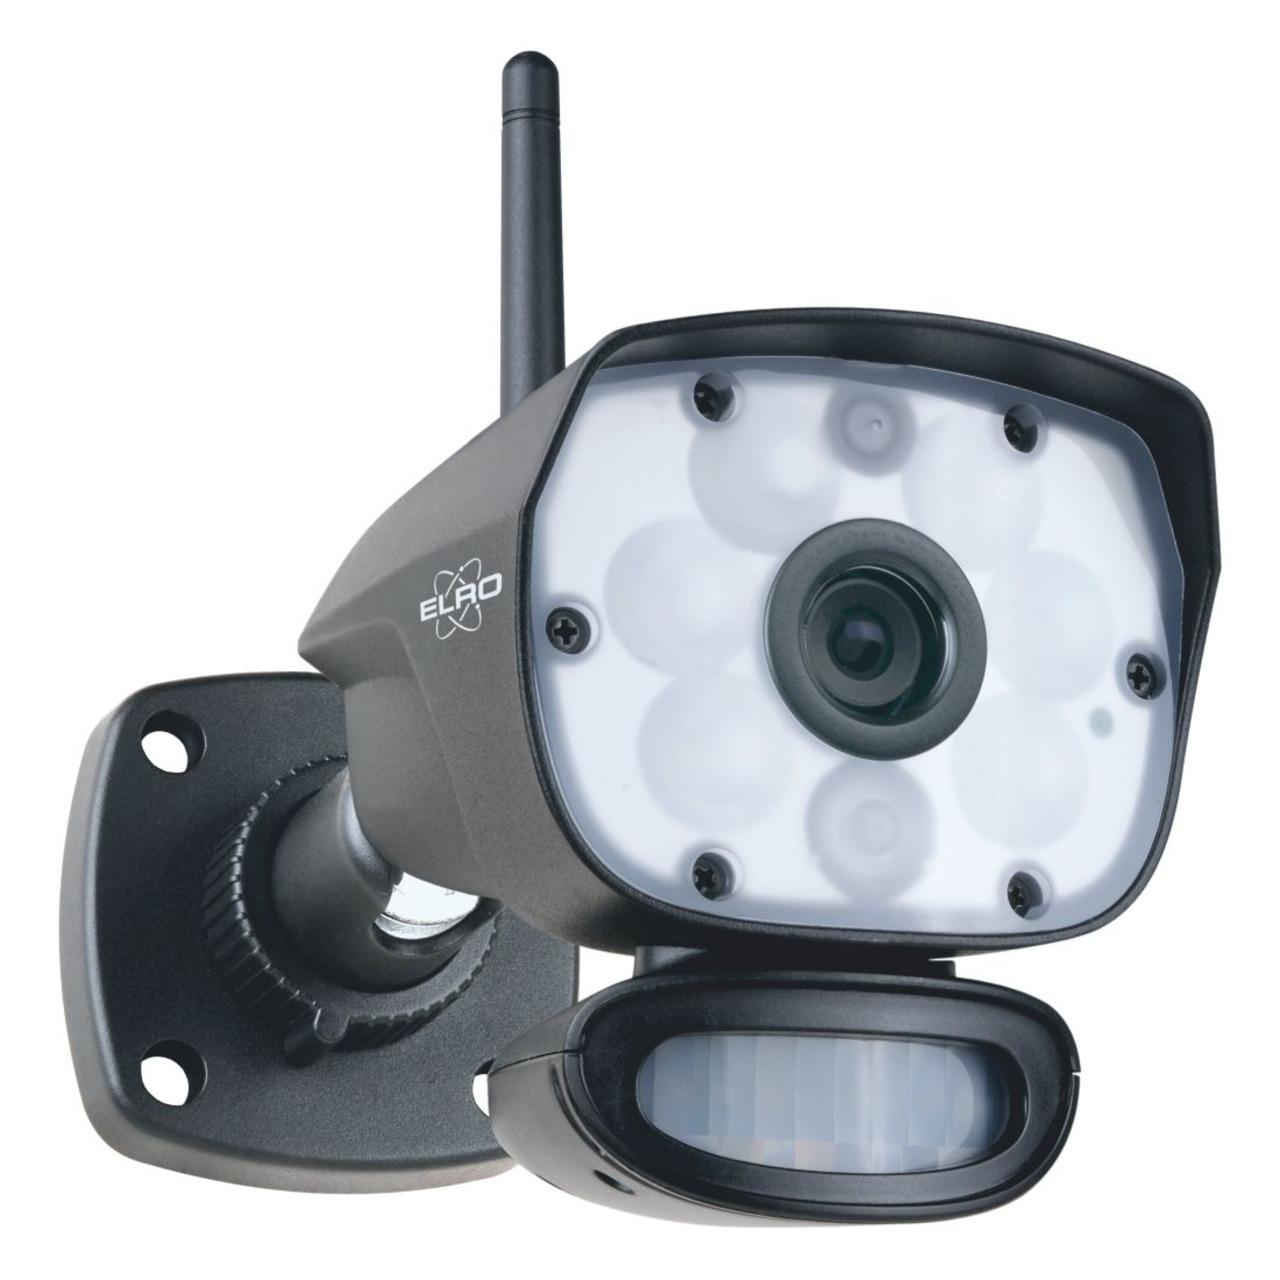 ELRO Funk-Zusatzkamera CC60RXX11- Full-HD (1080p) - geeignet für Funk-Kamerasystem CZ60RIP11S